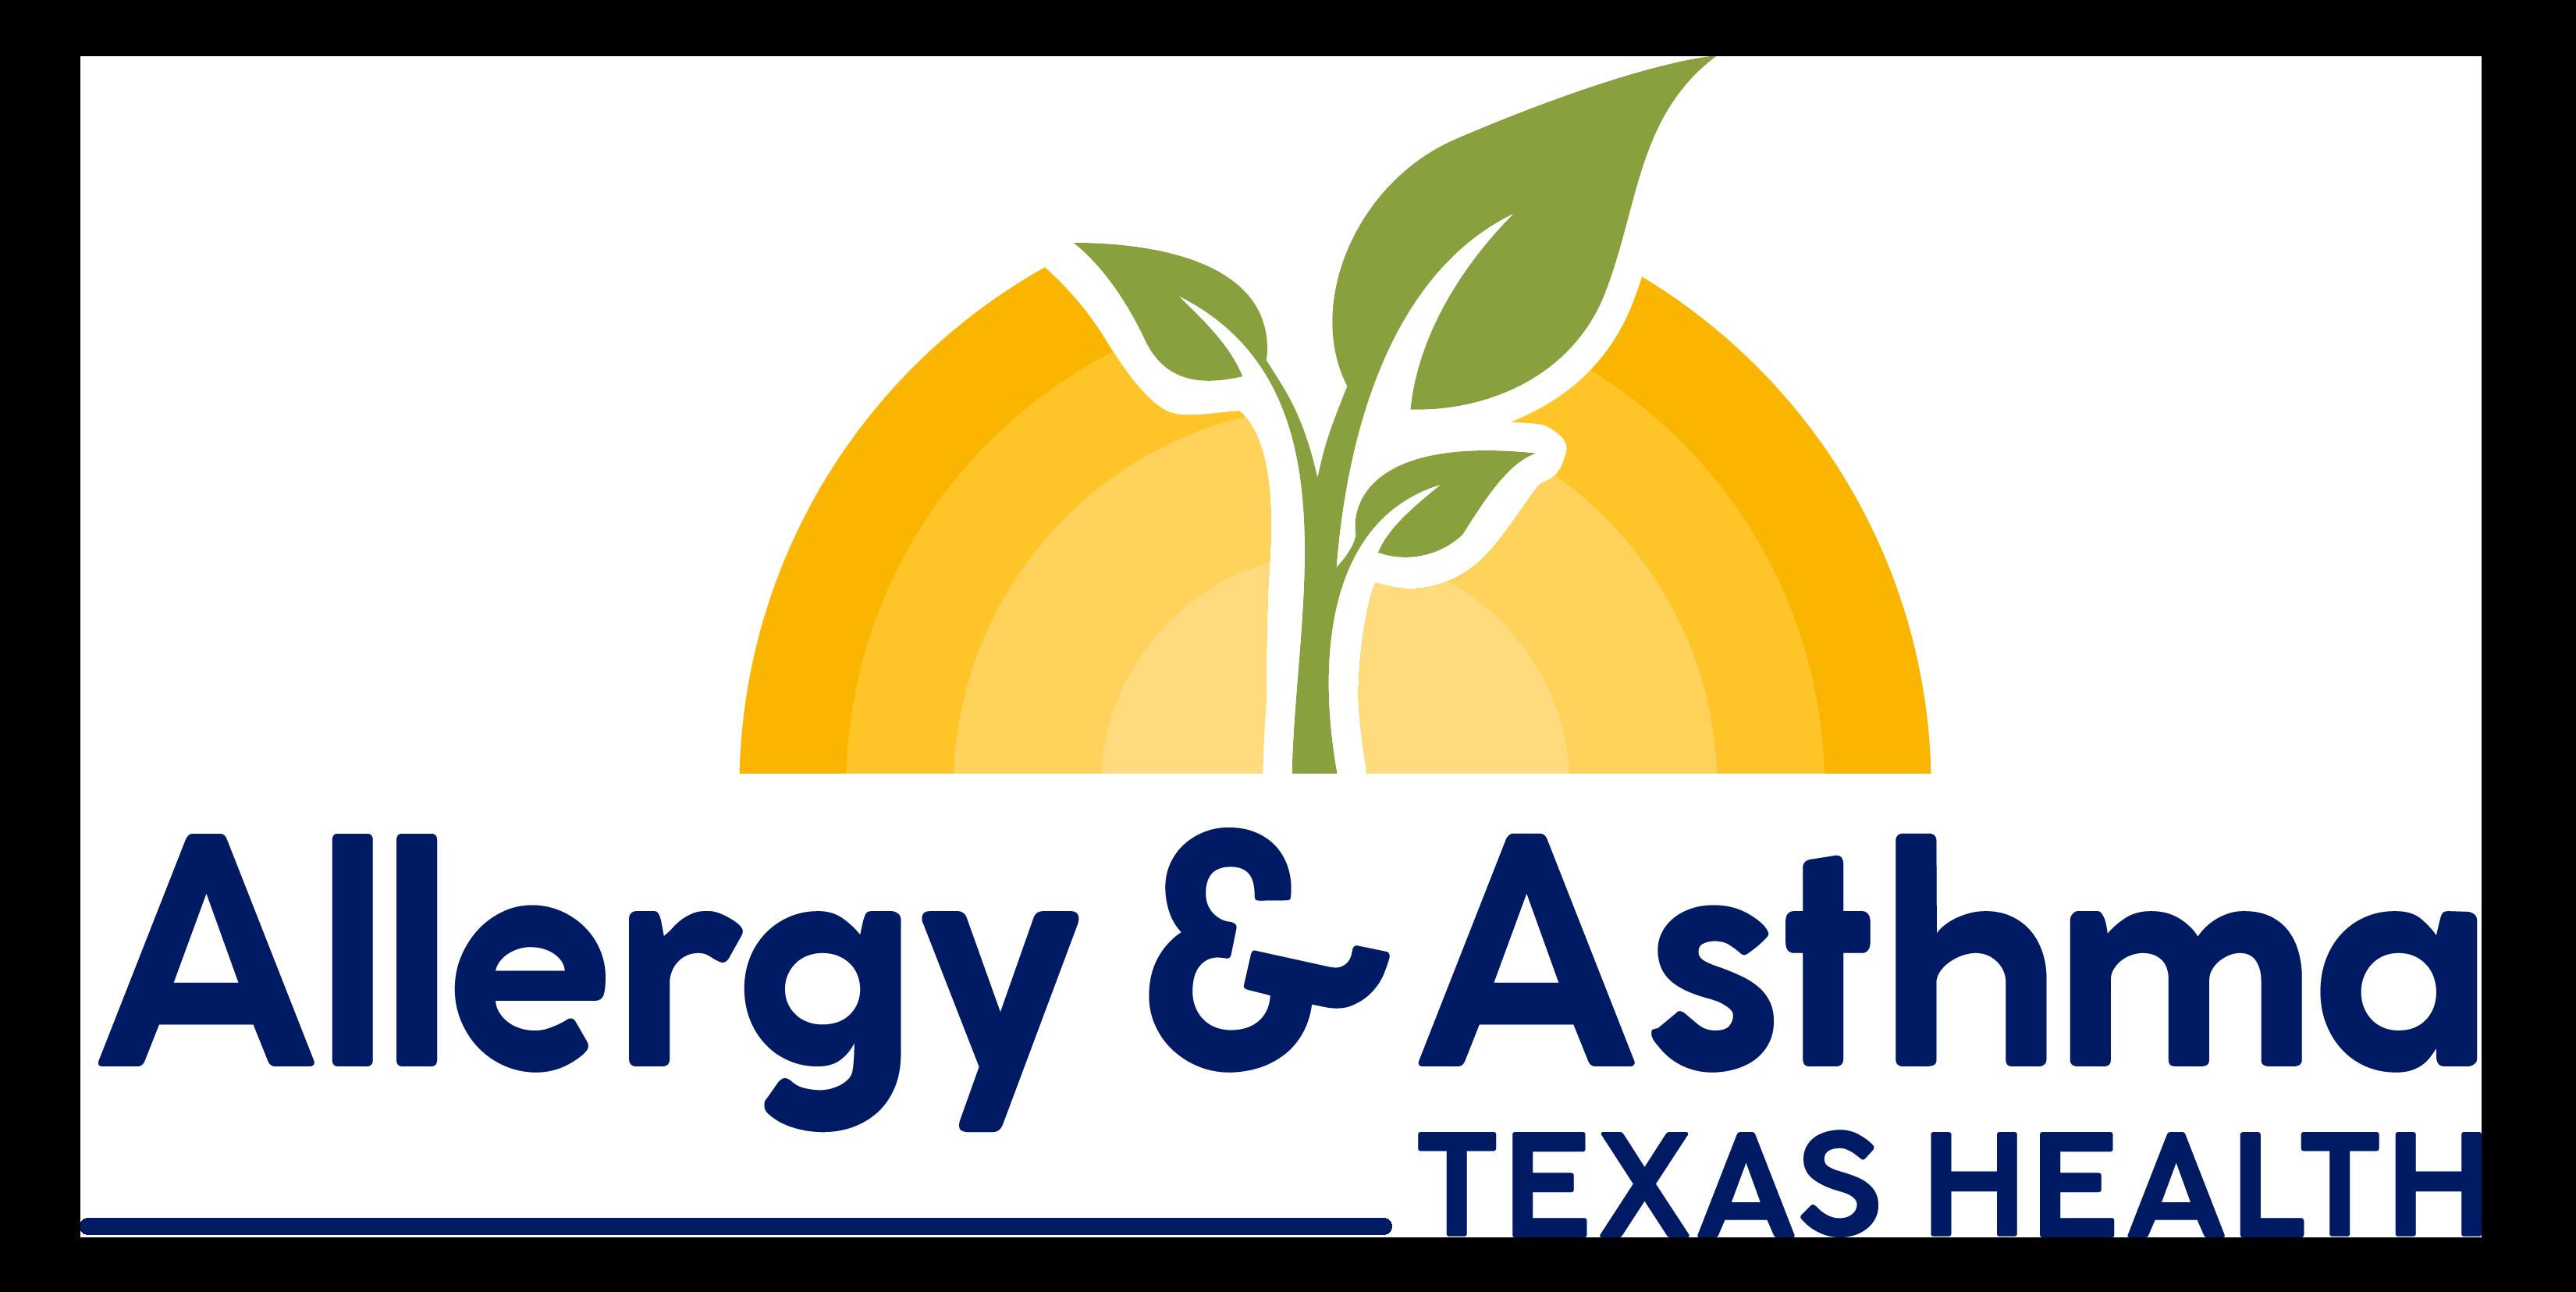 Allergy & Asthma Texas Health